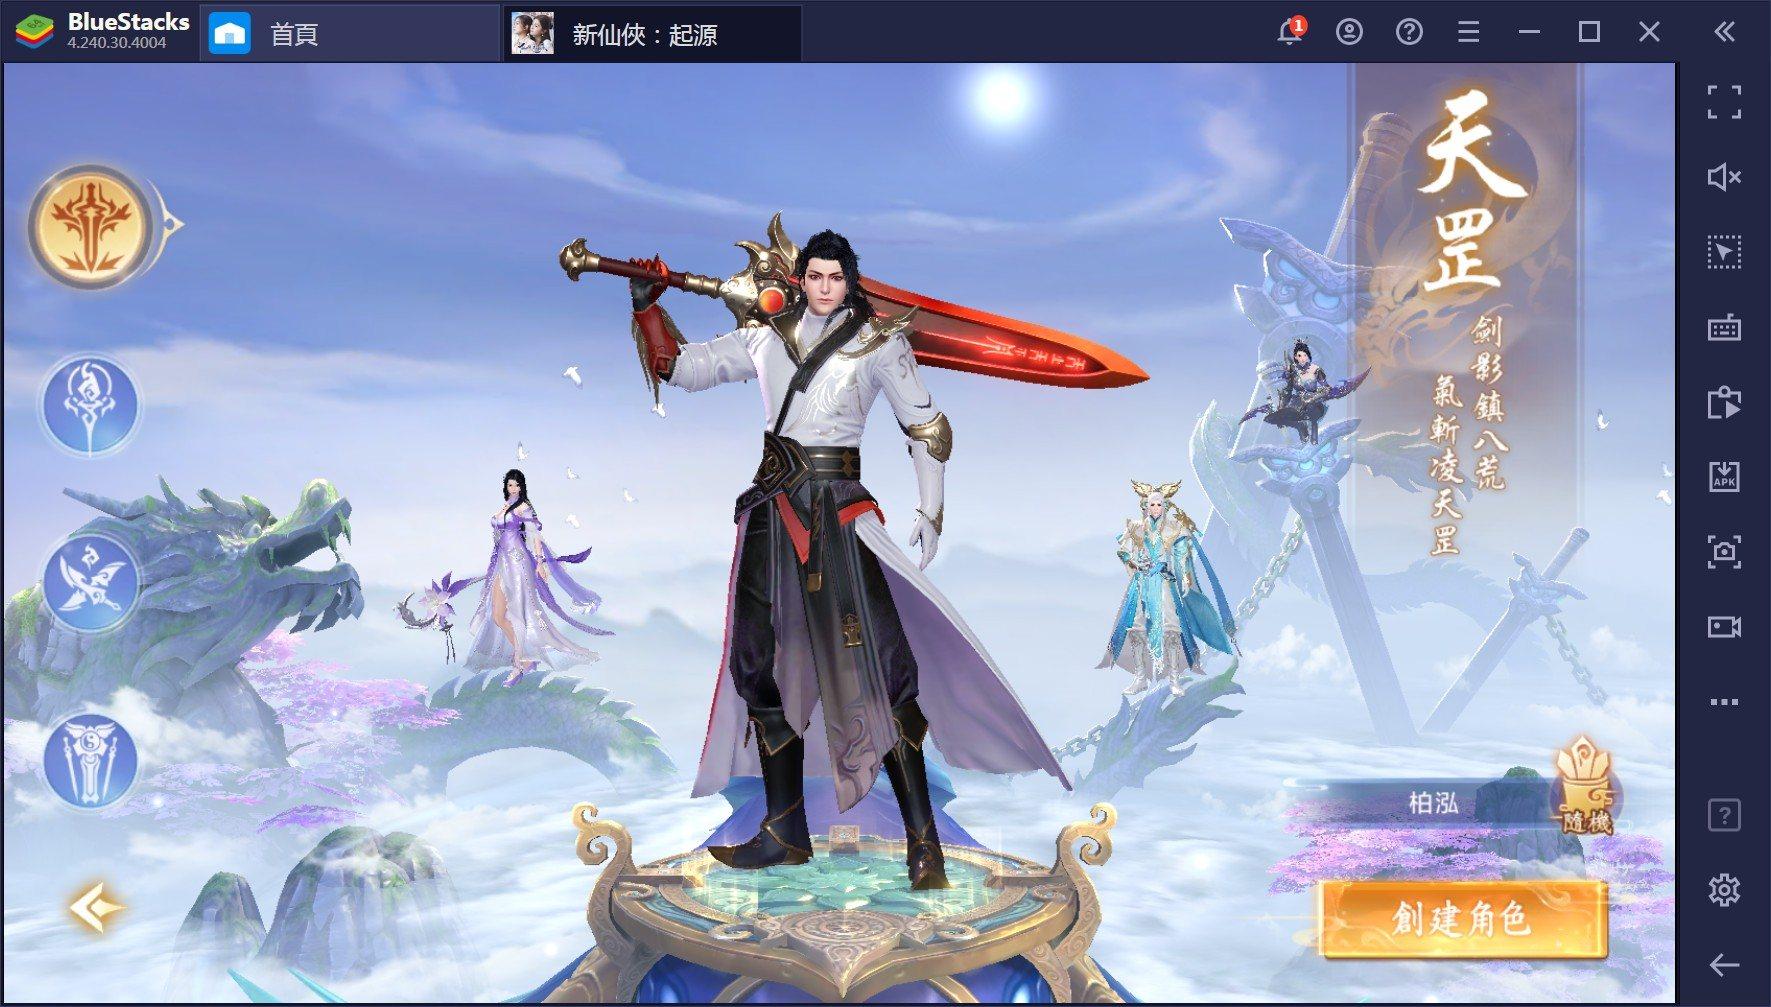 使用BlueStacks在PC上遊玩MMO新仙俠手遊《新仙俠:起源》